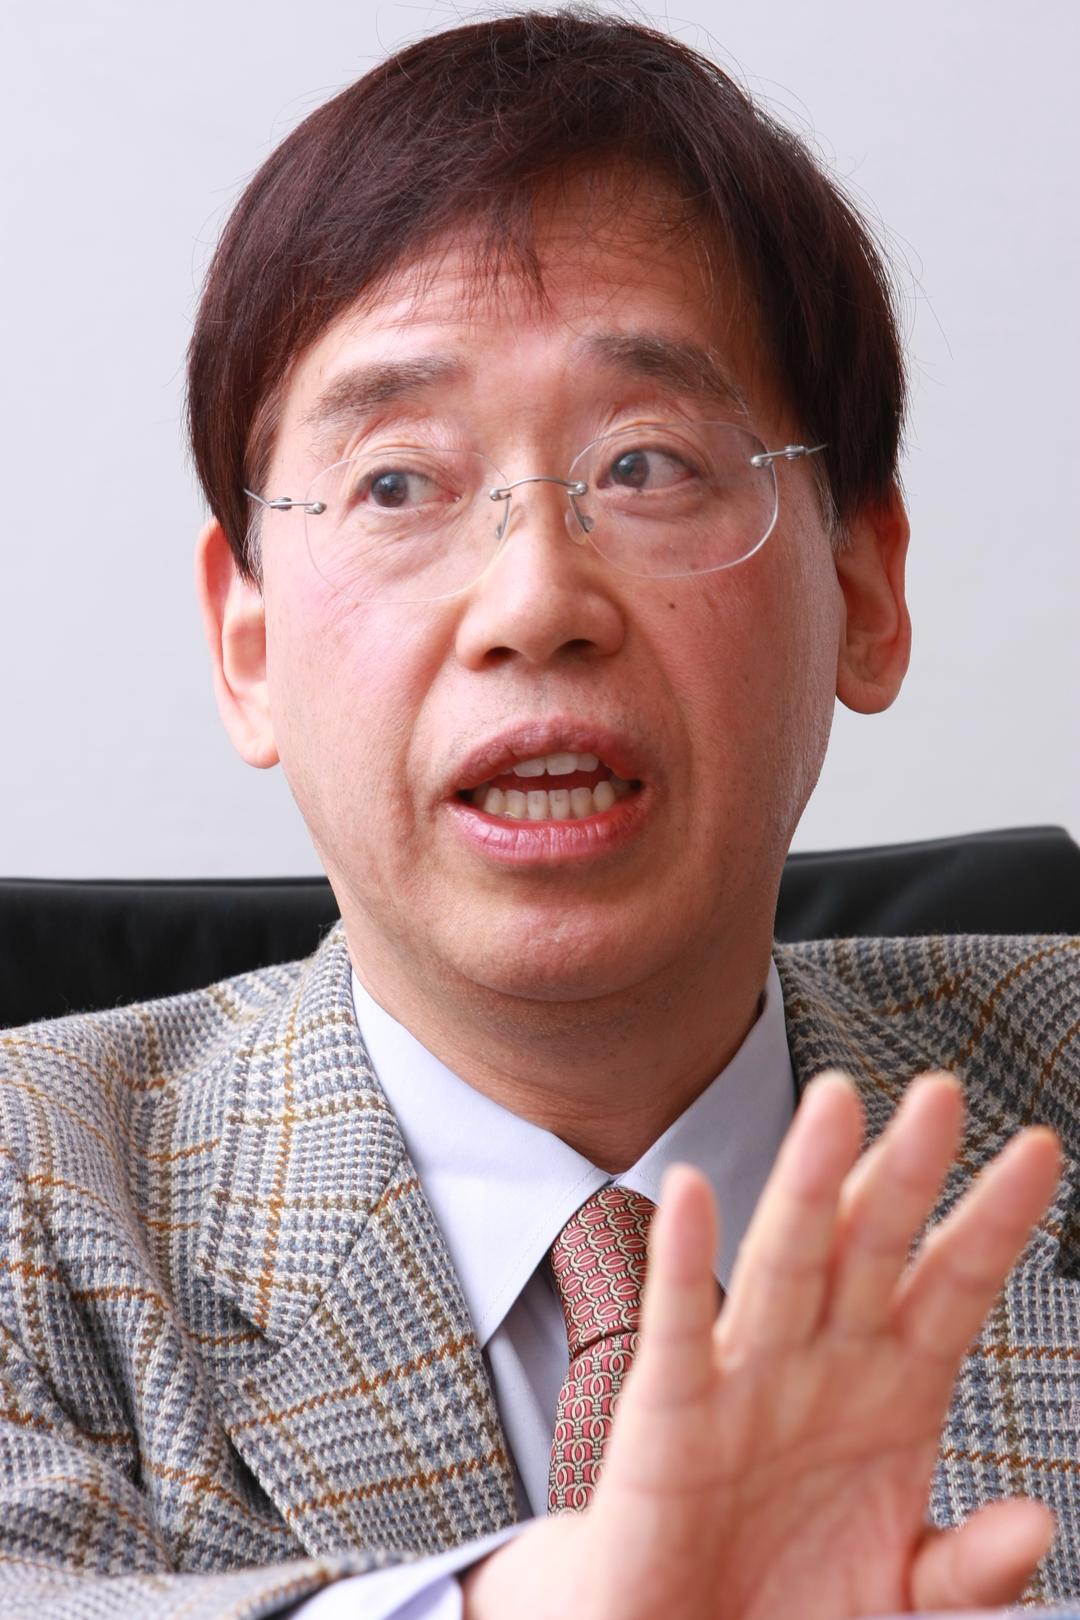 通貨供給はマネーストックやインフレに直結しない!<br />リーマンショック後の世界の常識が通用しない日本